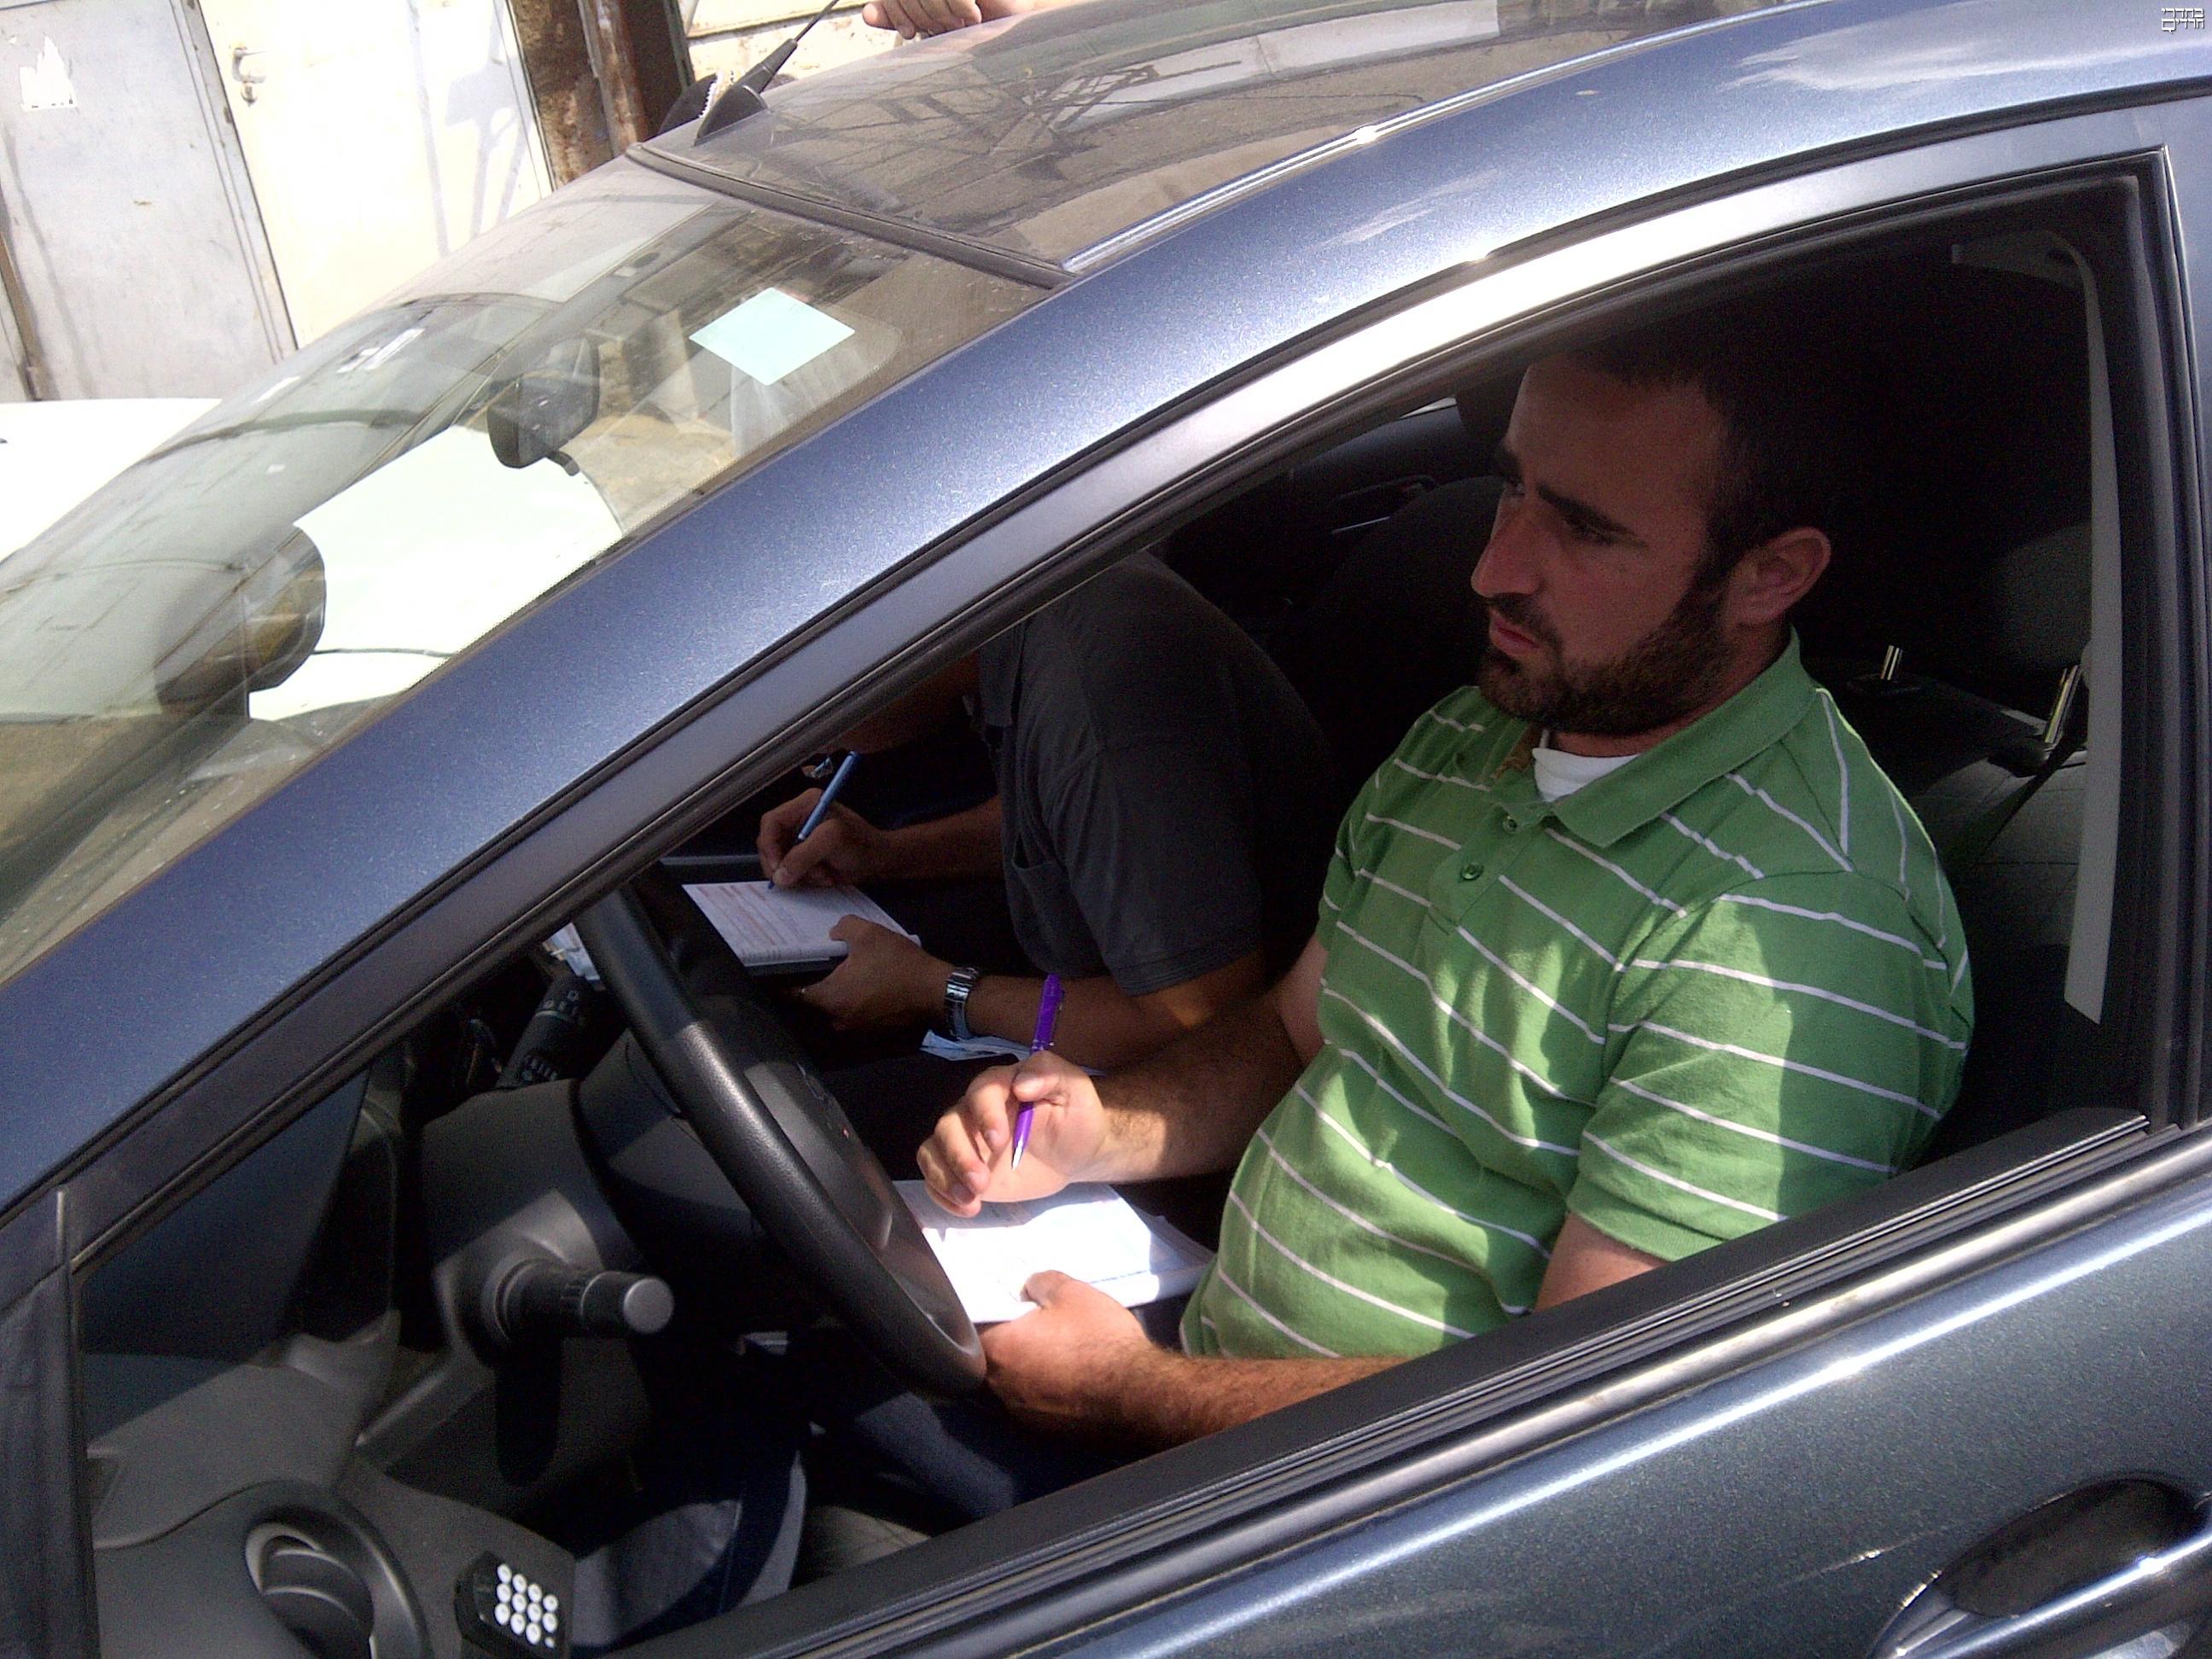 סקר מגלה: אחד מכל ארבעה נערים נהג ברכב ללא רישיון נהיגה